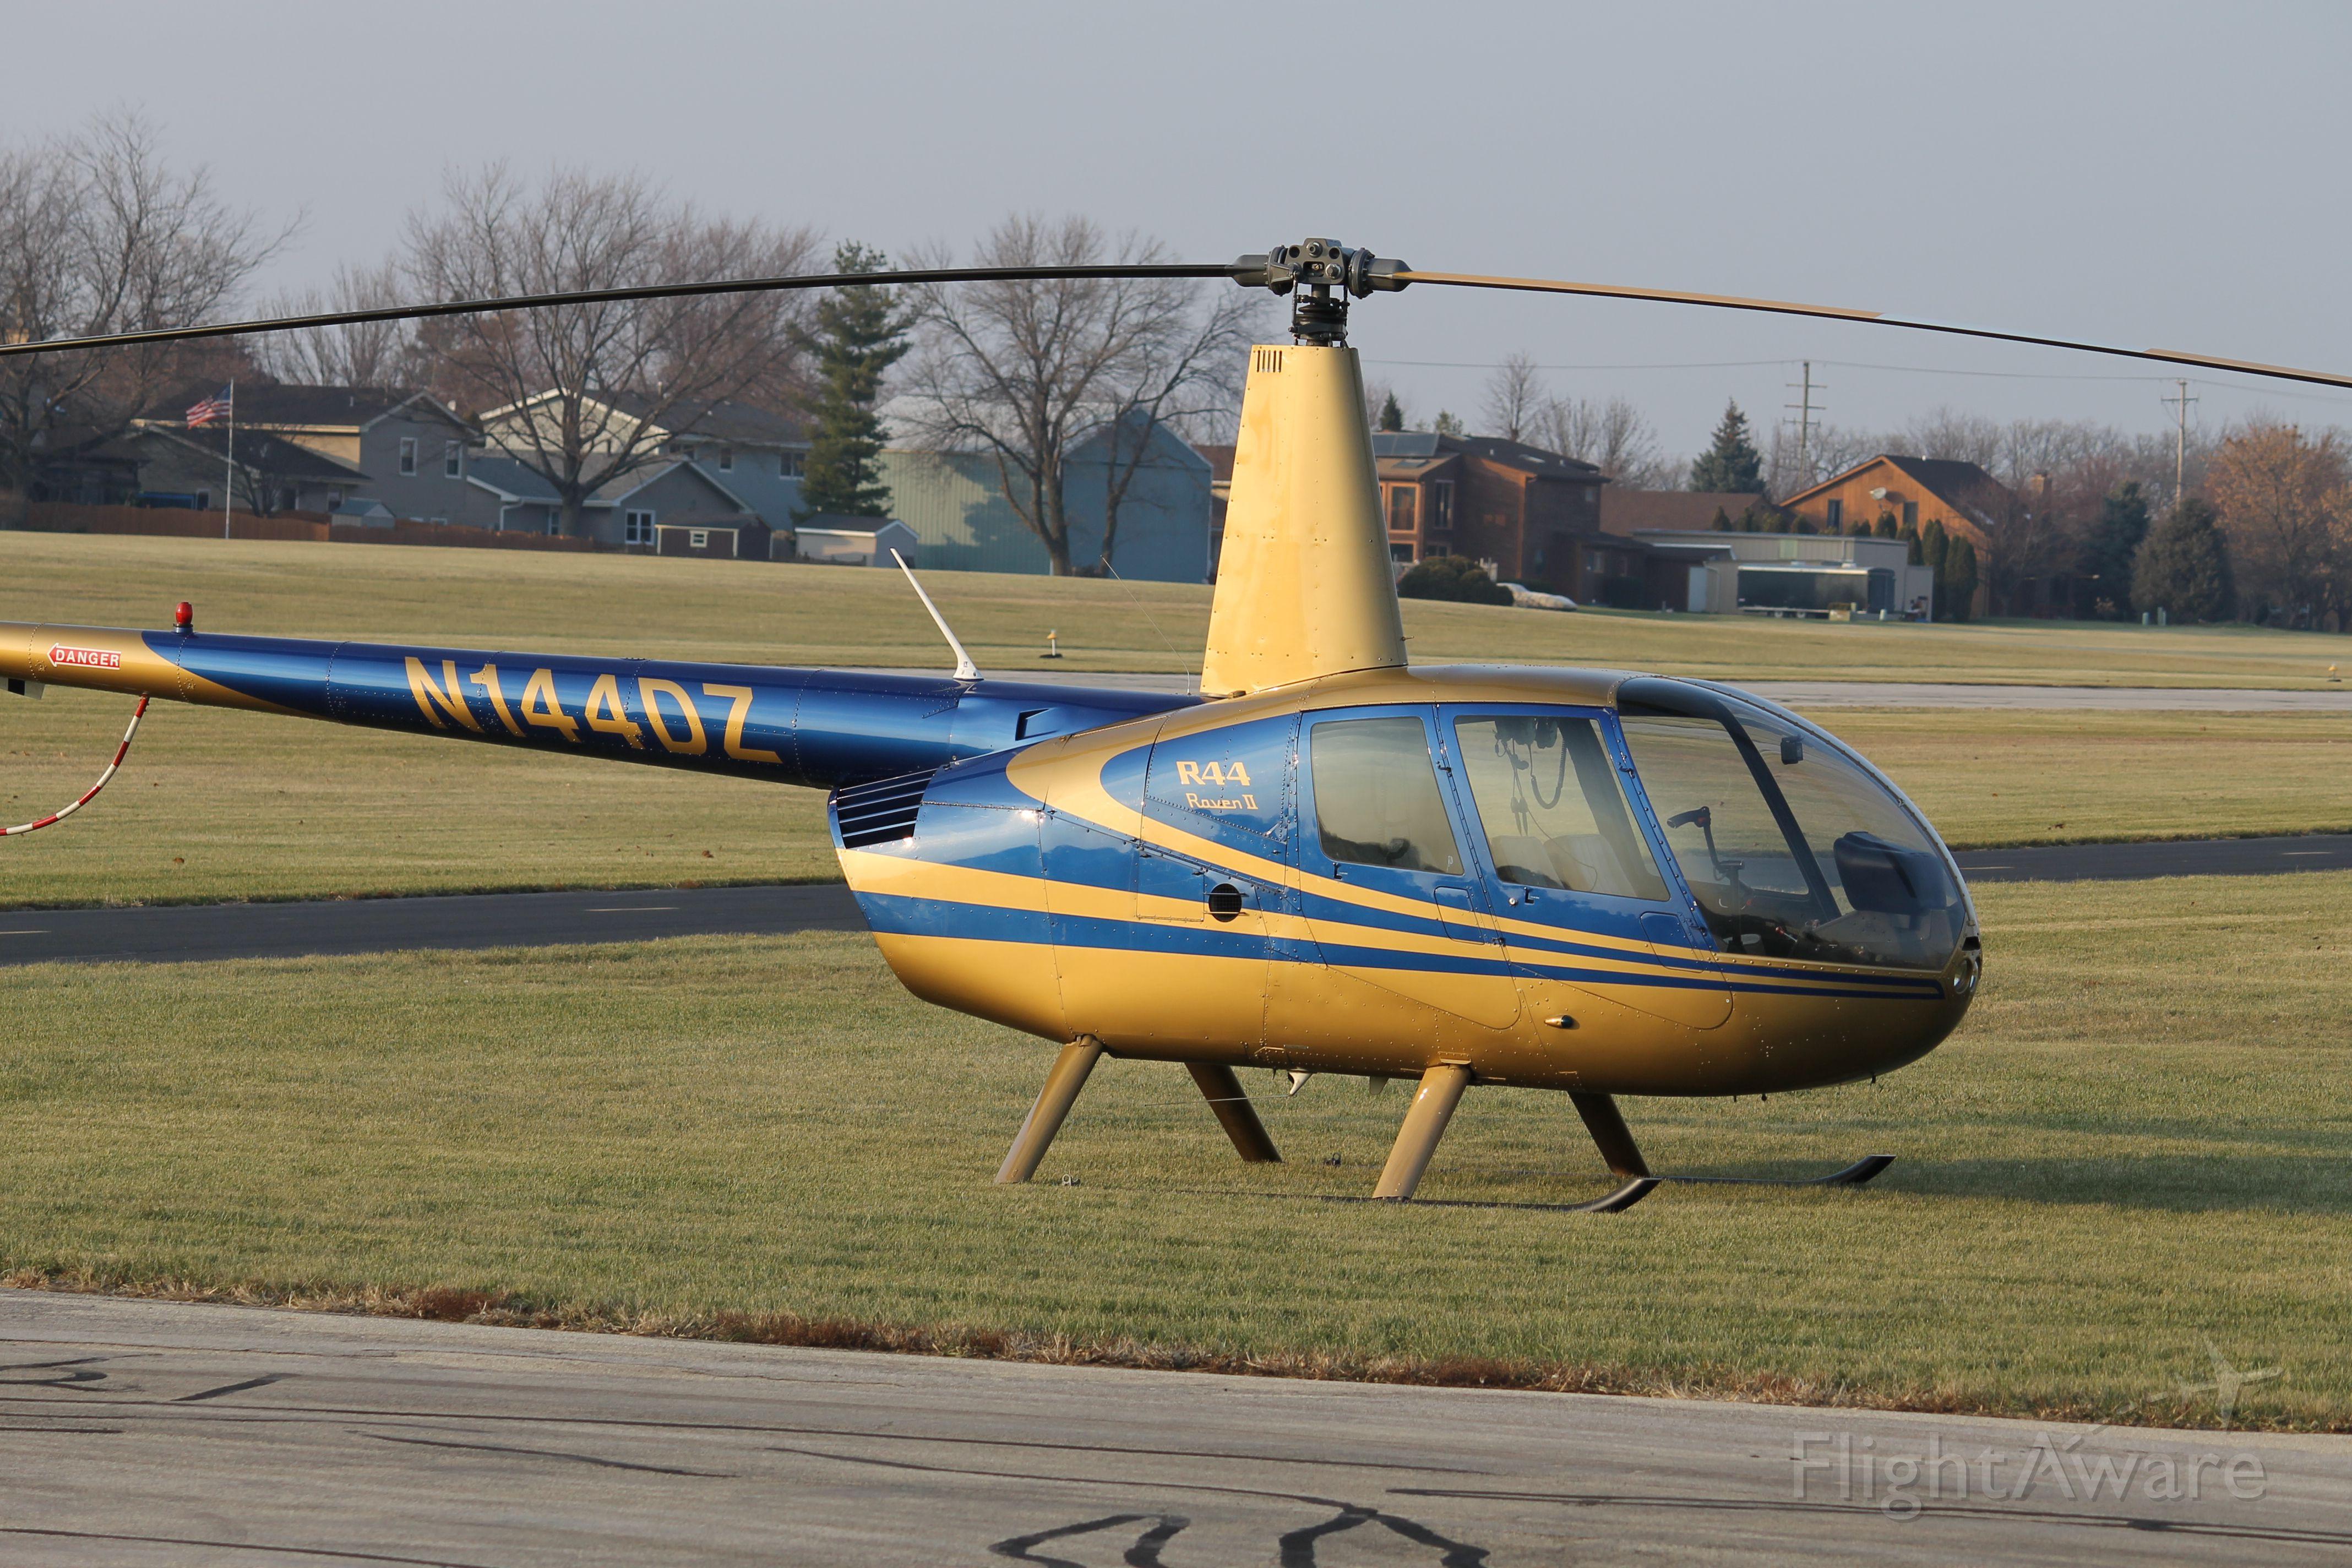 Robinson R-44 (N144DZ)